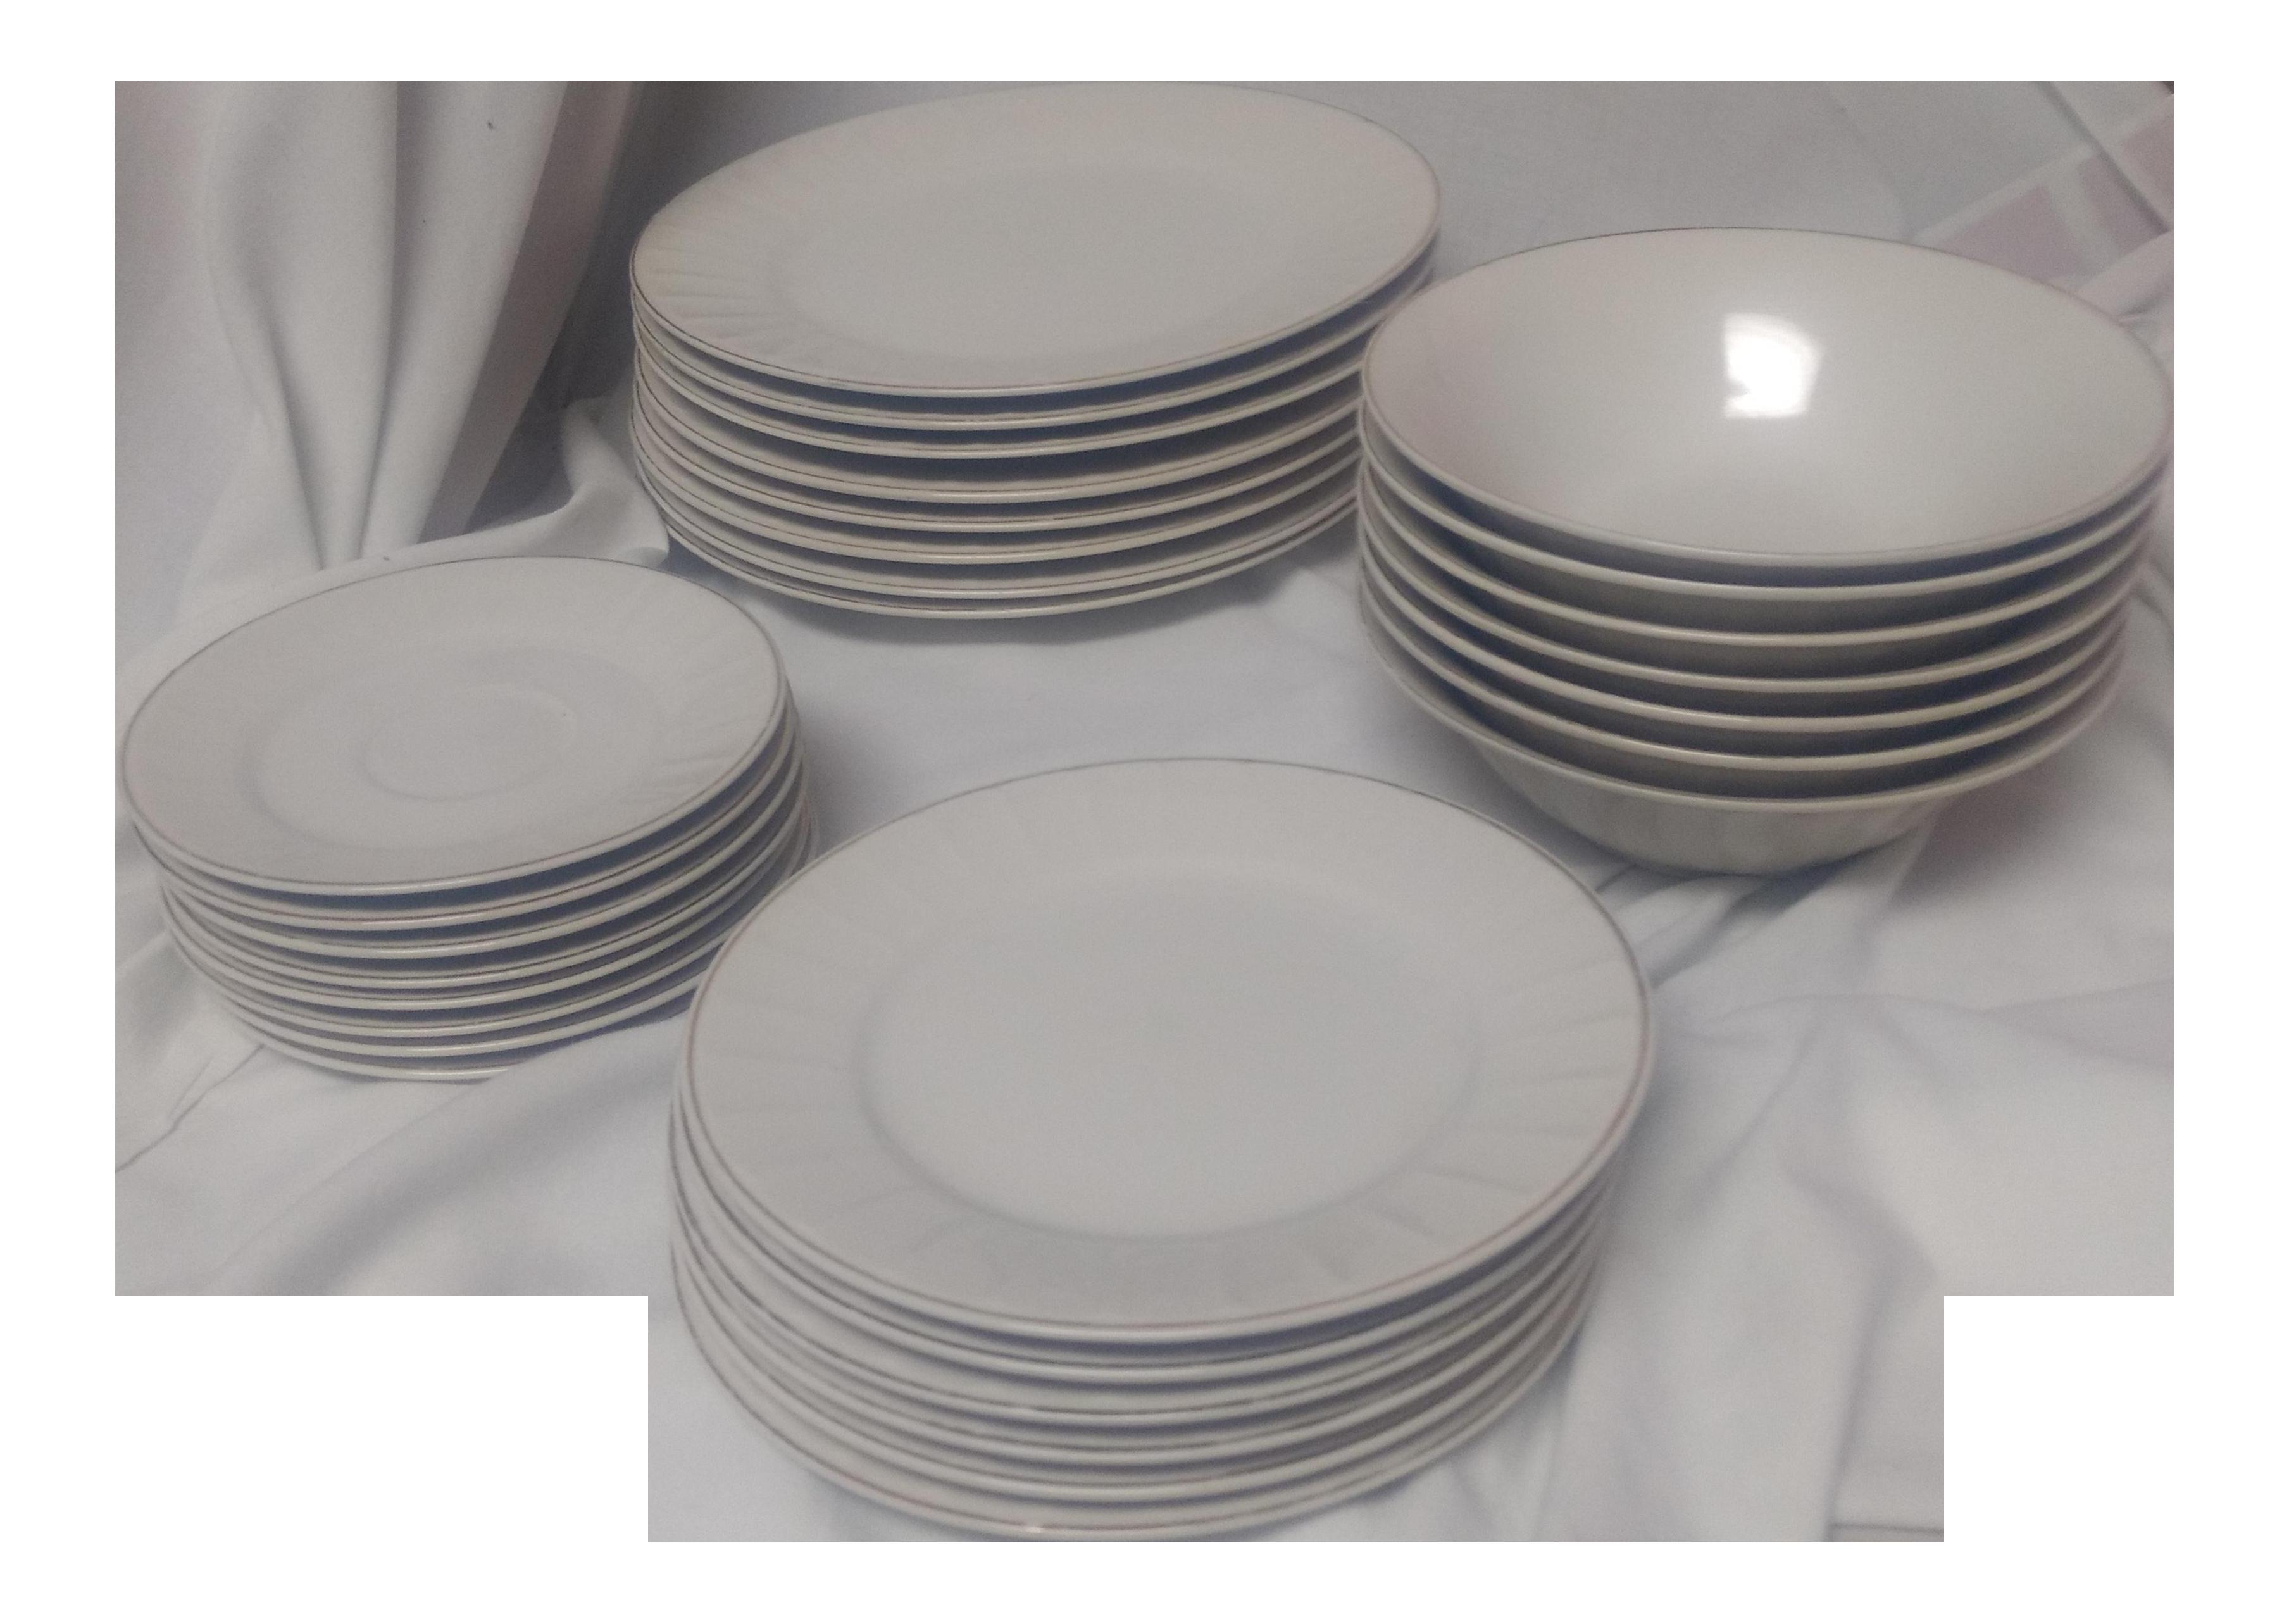 Diadem Fine China Dinnerware - Set of 28 - Image 1 of 5  sc 1 st  Chairish & Diadem Fine China Dinnerware - Set of 28 | Chairish